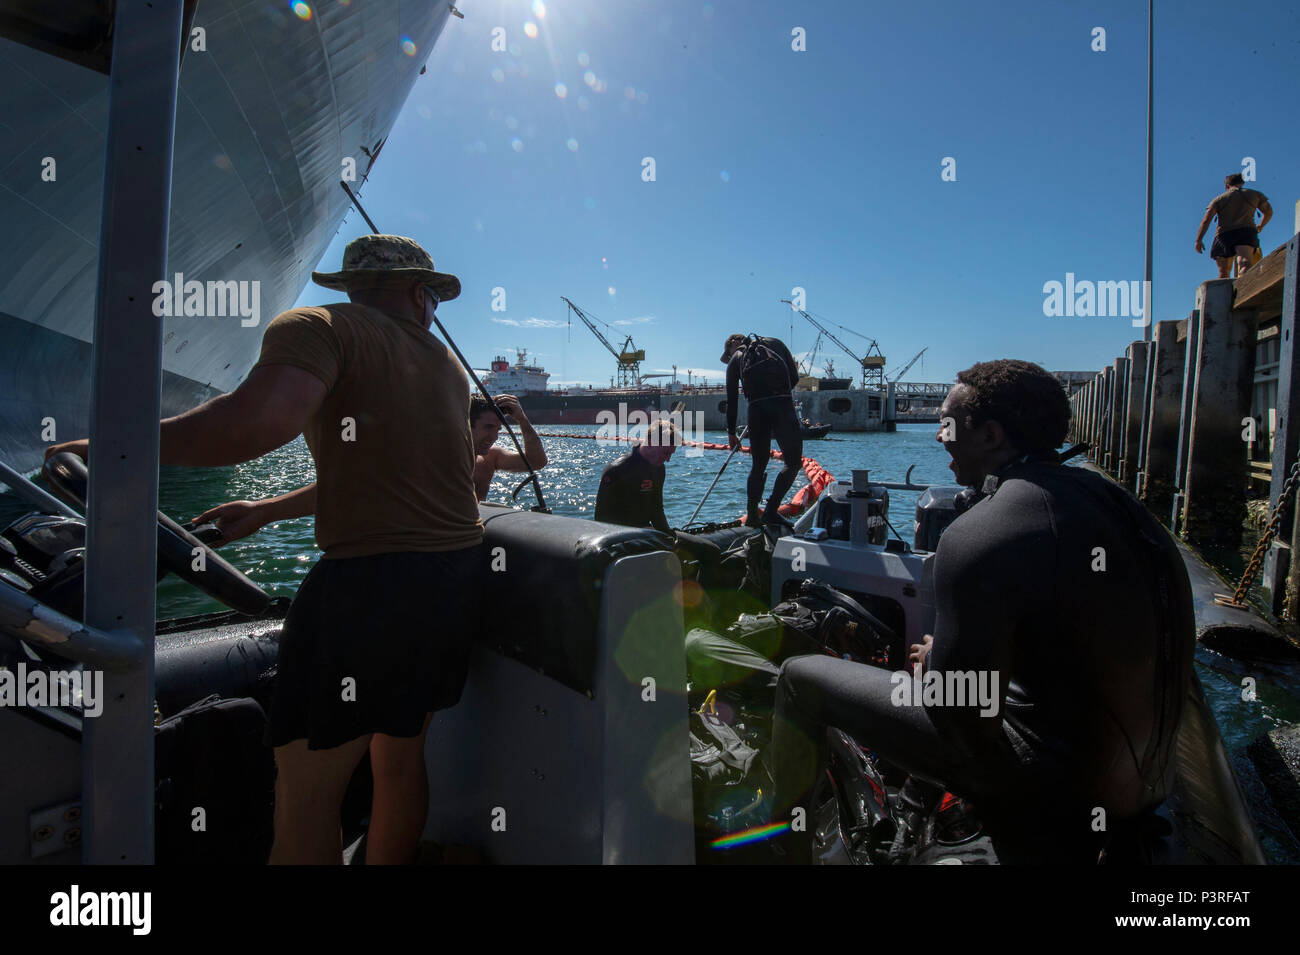 160720-N-DJ750-135 SAN DIEGO (20 de julio de 2016)-- La Naval de superficie y mina el desarrollo Warfighting Comandante del Centro, la tarea de la Unidad de Explosivos 177.2.1 técnicos completa una búsqueda de explosivos simulados sobre transporte marítimo Comando Militar grande, mediana velocidad roll on/roll off buque USNS Bob Hope (T-AKR-300) en el sur de California, parte de la orilla del Pacífico de 2016. Veintiséis naciones, más de 40 buques y submarinos, más de 200 aviones y 25.000 personal participa en RIMPAC desde el 30 de junio hasta el 4 de agosto, en y alrededor de las Islas de Hawaii y en el sur de California. El Foto de stock